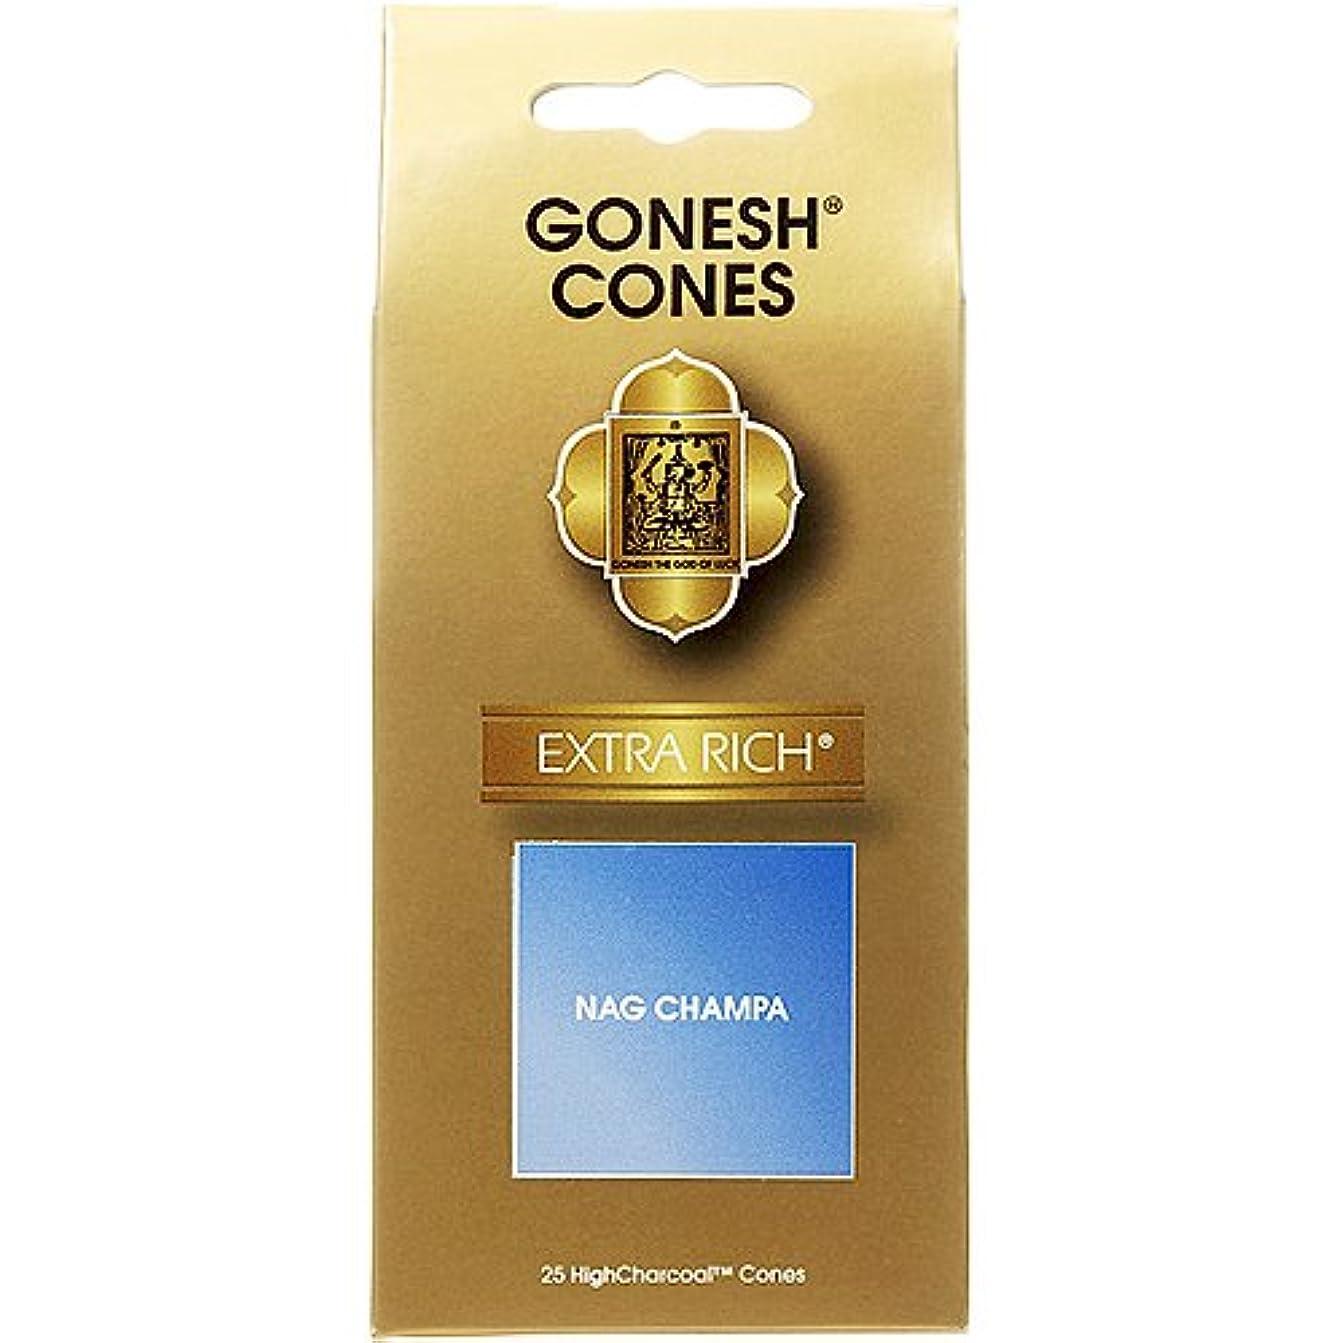 診断するチャンス廊下ガーネッシュ(GONESH) エクストラリッチ インセンス コーン ナグチャンパ 25ヶ入